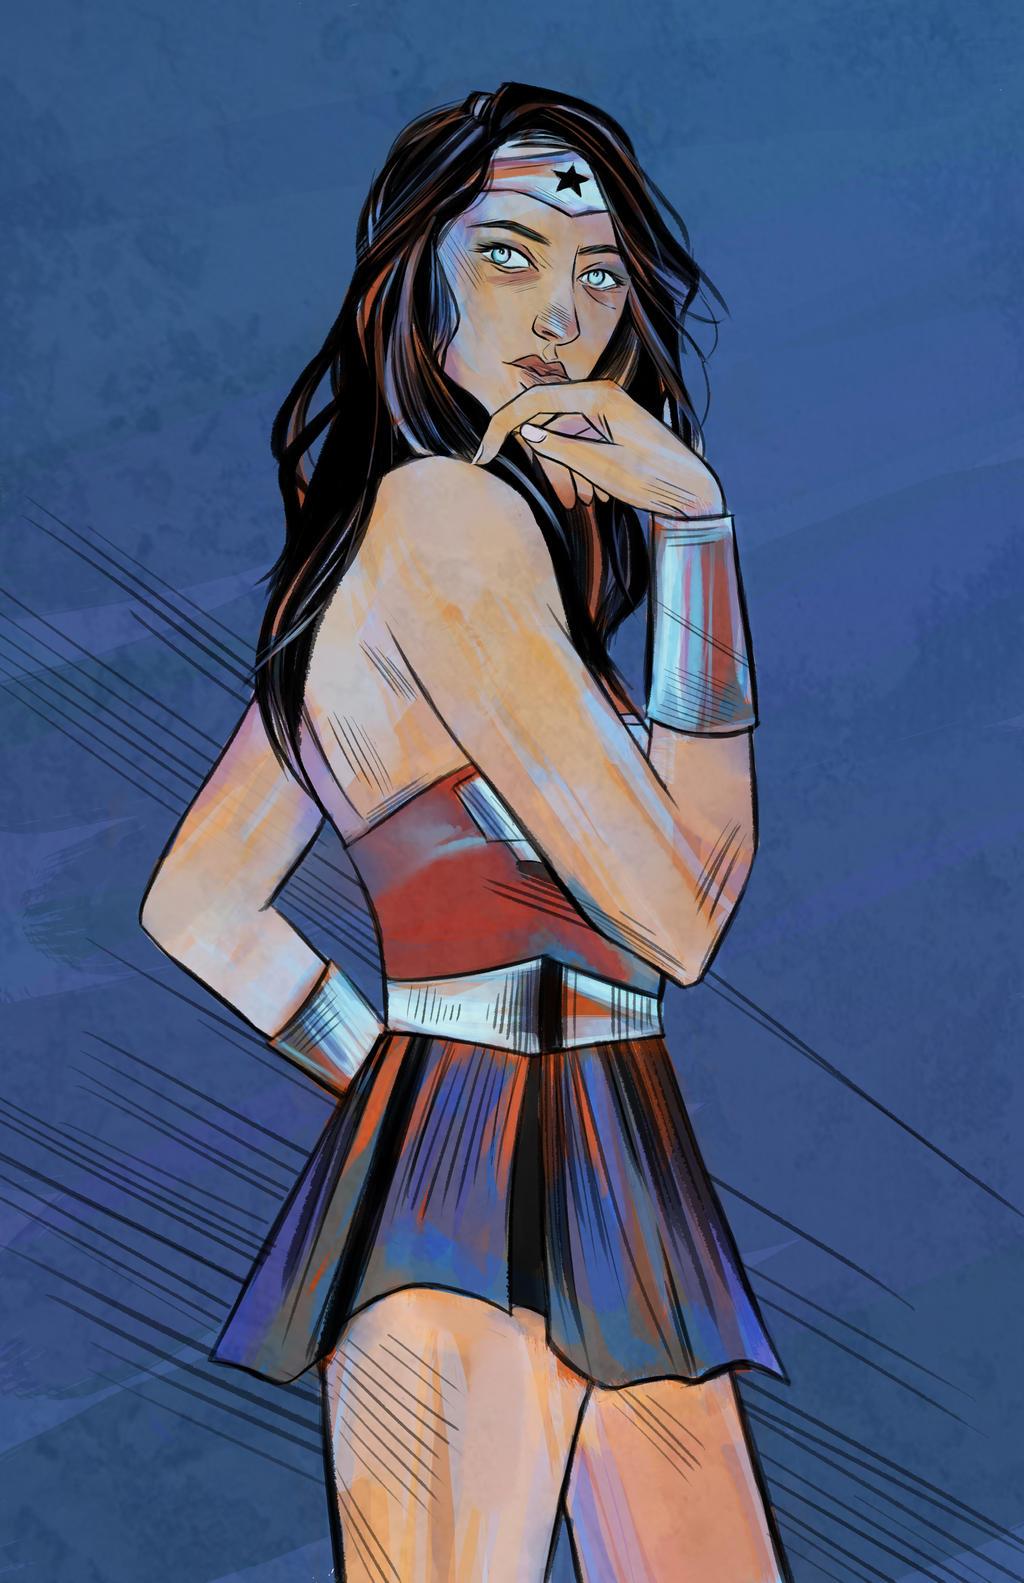 Wonder Woman by Emishly